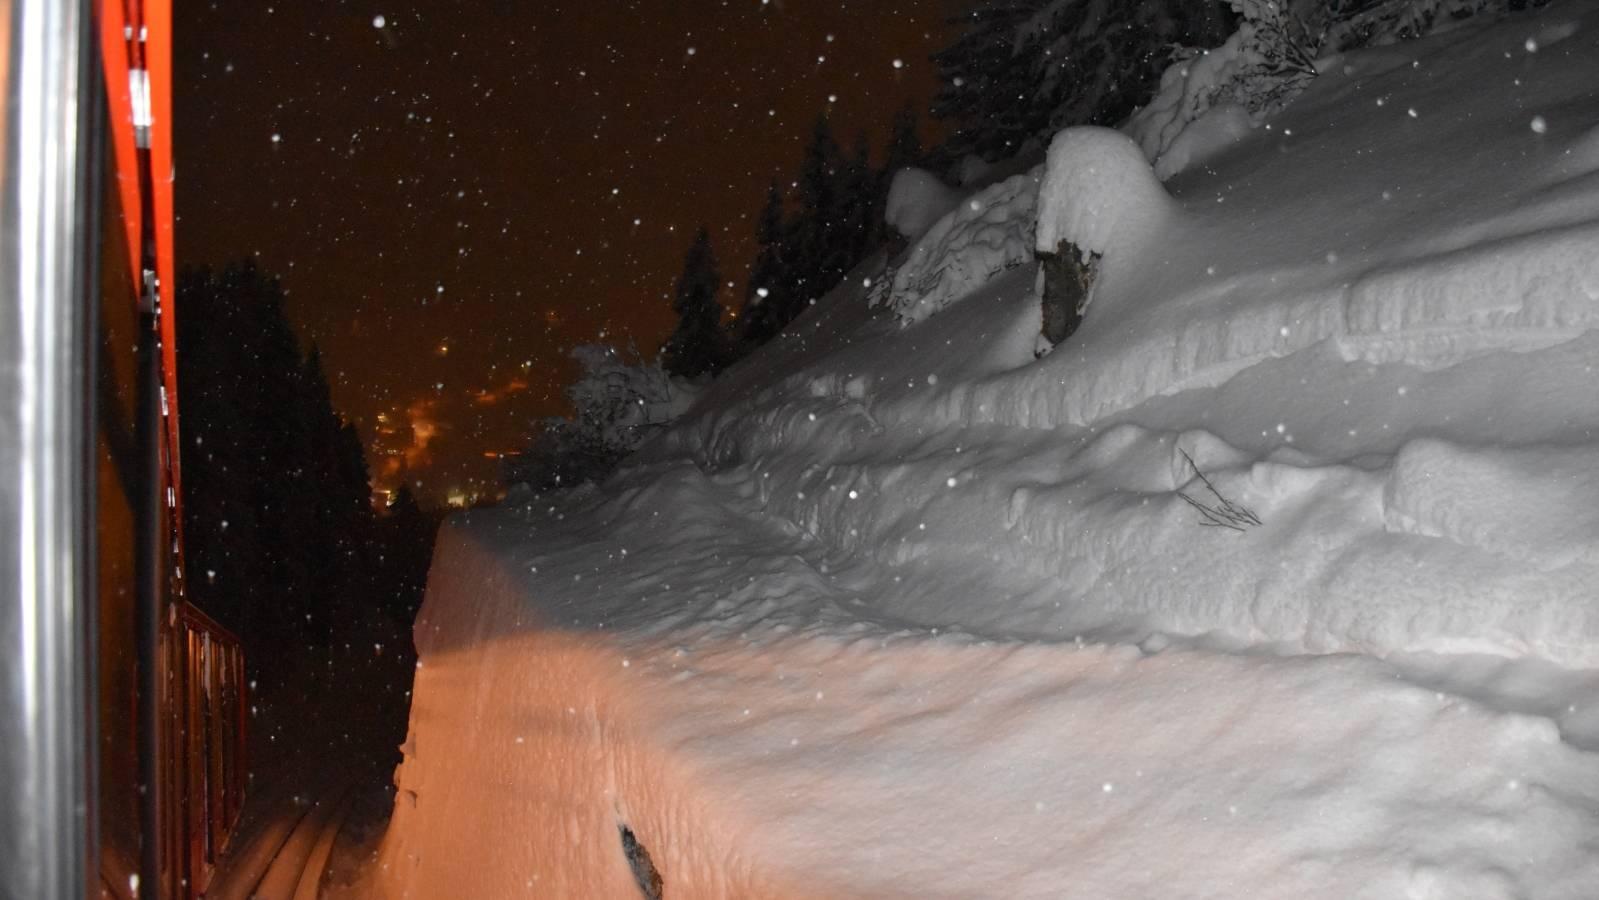 Mit lebensgefährlichen Verletzungen blieb der Snowboarder neben dem Trasse der Parsennbahn liegen.